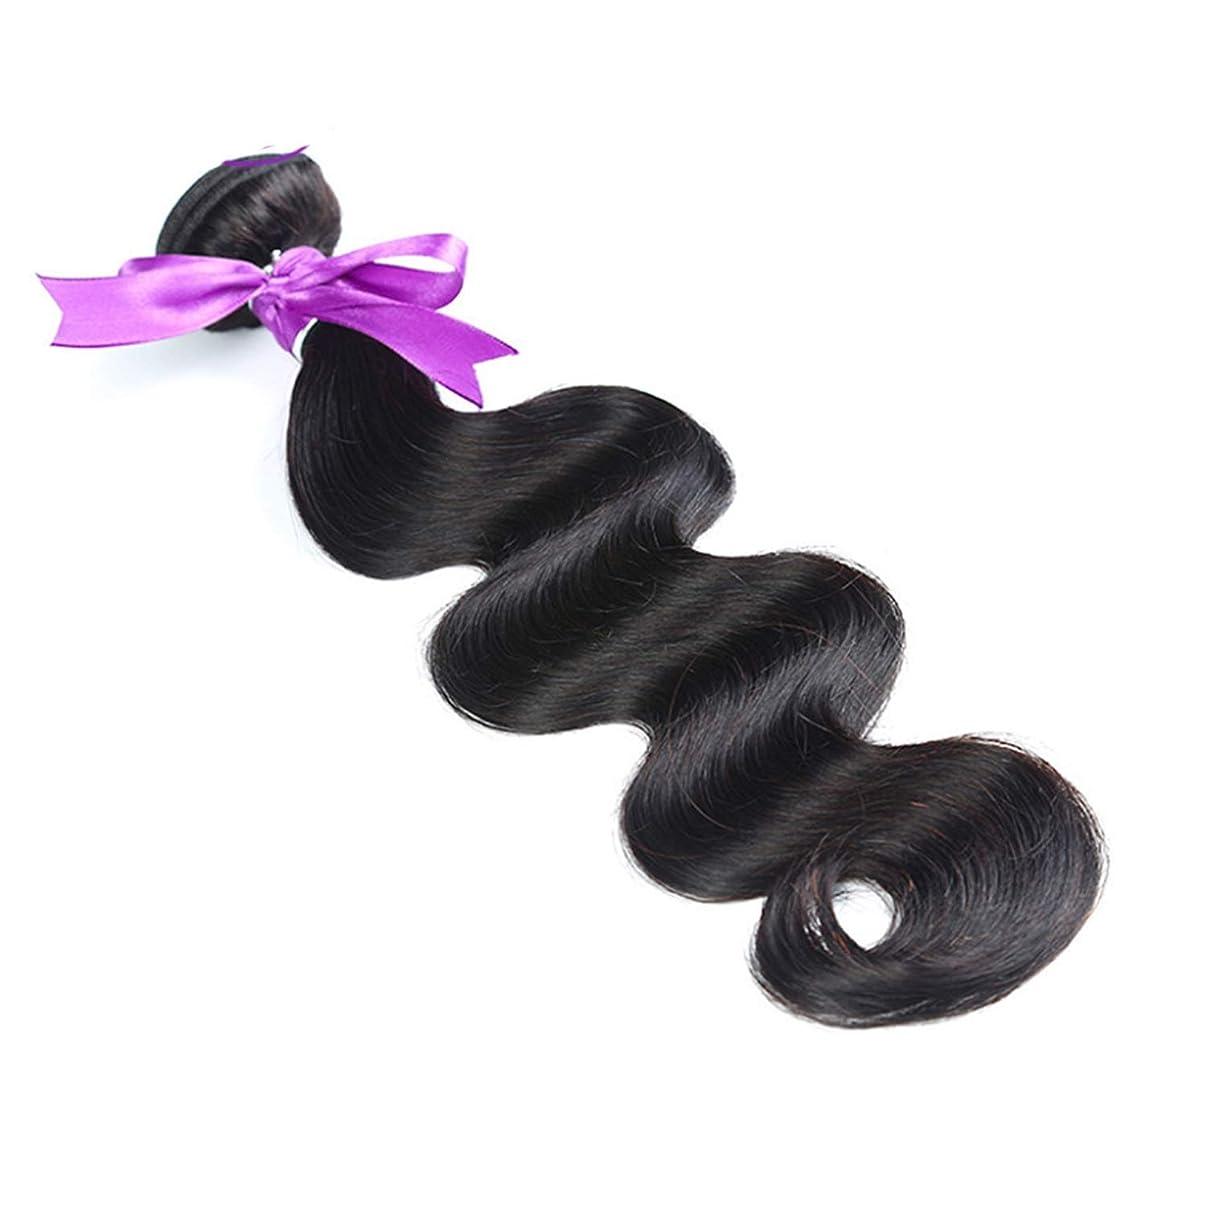 枝著者ケーブルヘアエクステンション織り髪8-28インチ実体波髪バンドル8aグレード人間の髪織りナチュラルカラー非レミー毛延長 かつら (Stretched Length : 18inches)